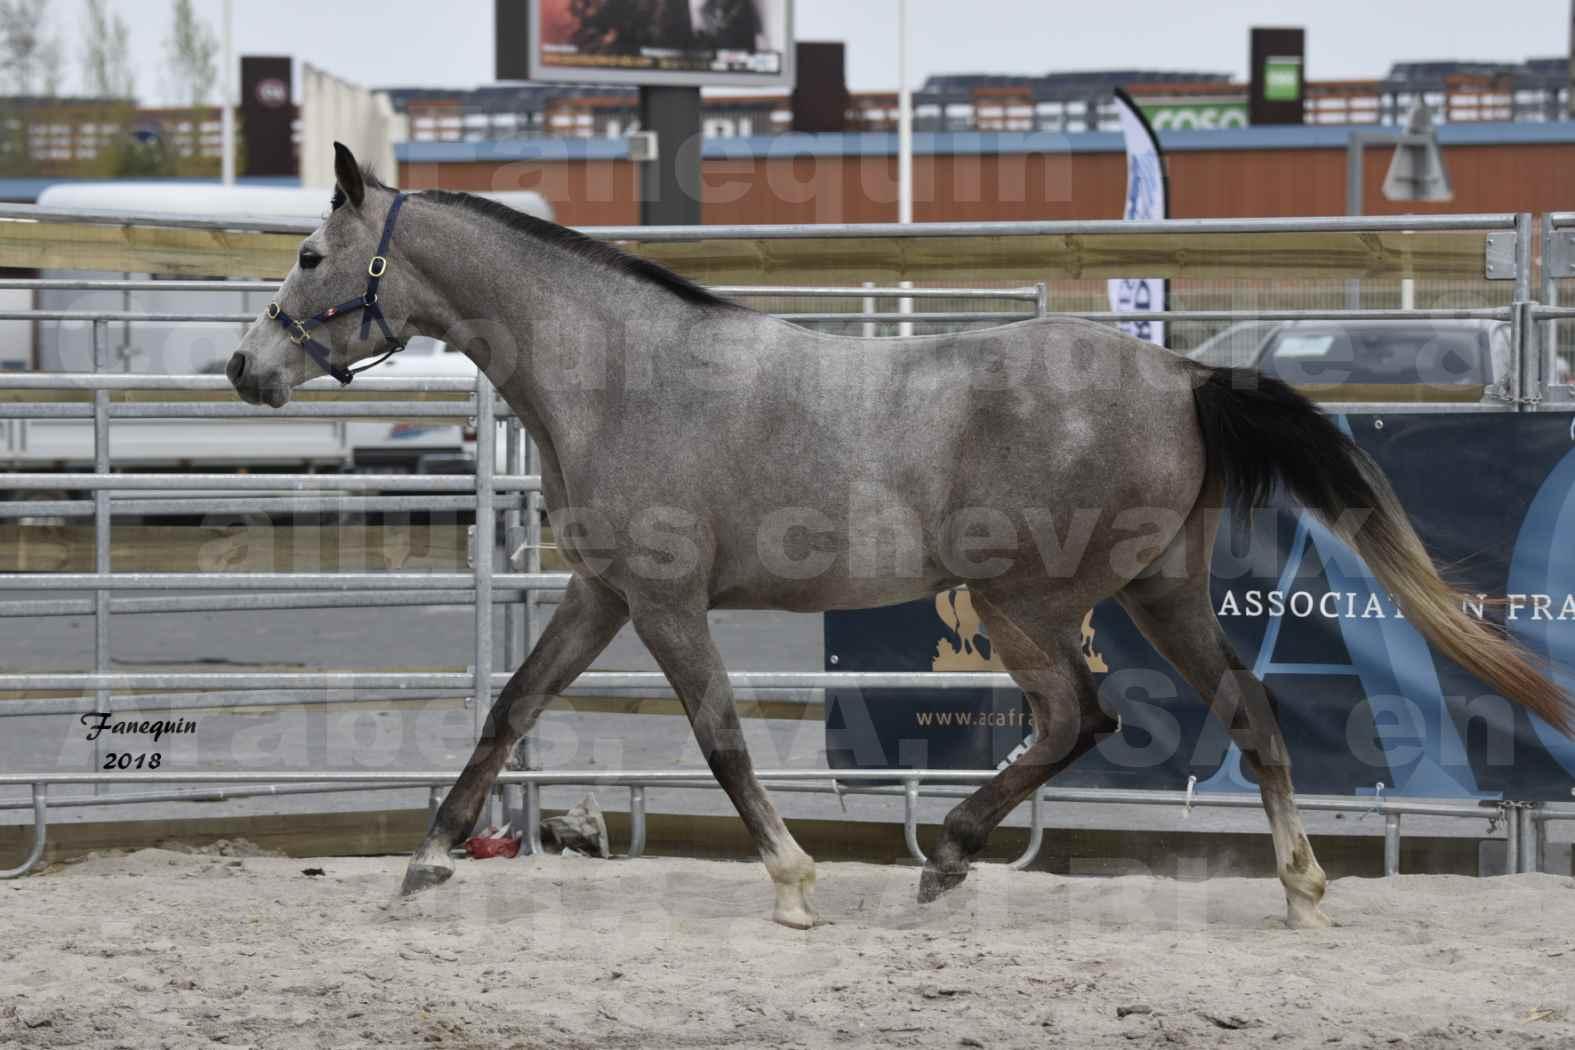 Concours d'élevage de Chevaux Arabes - D. S. A. - A. A. - ALBI les 6 & 7 Avril 2018 - FESIHAMKA ARTAGNAN - Notre Sélection - 5